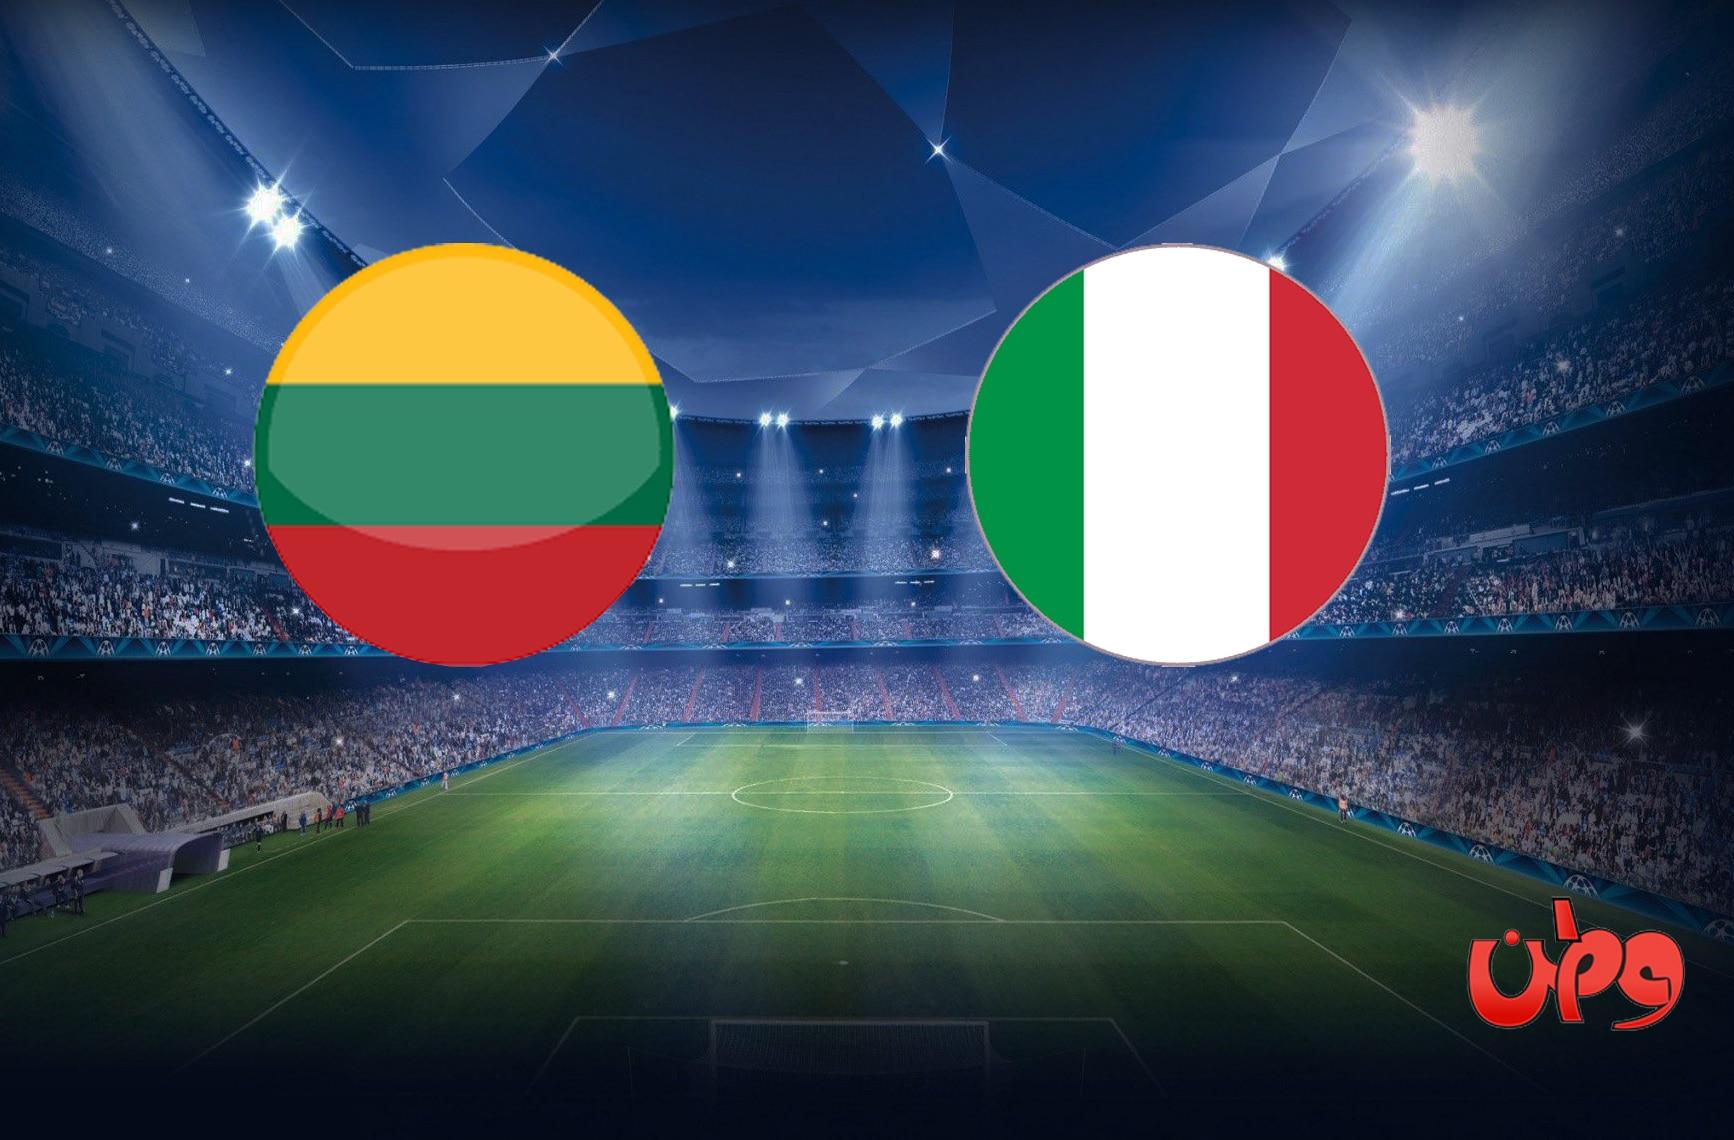 مباراة منتخب إيطاليا وليتوانيا في تصفيات أوروبا لمونديال كأس العالم 2022